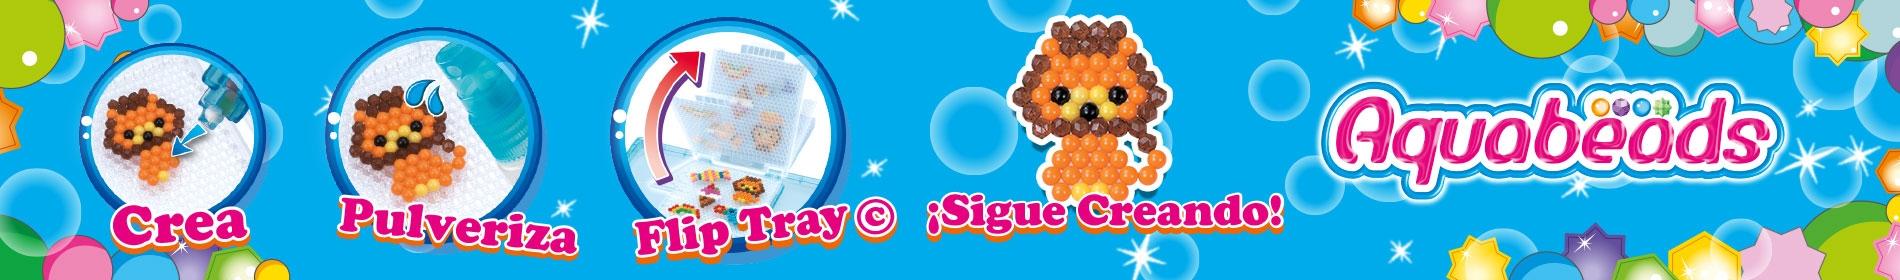 Aquabeads Manualidades Infantiles al mejor precio en nuestra jugueteria online